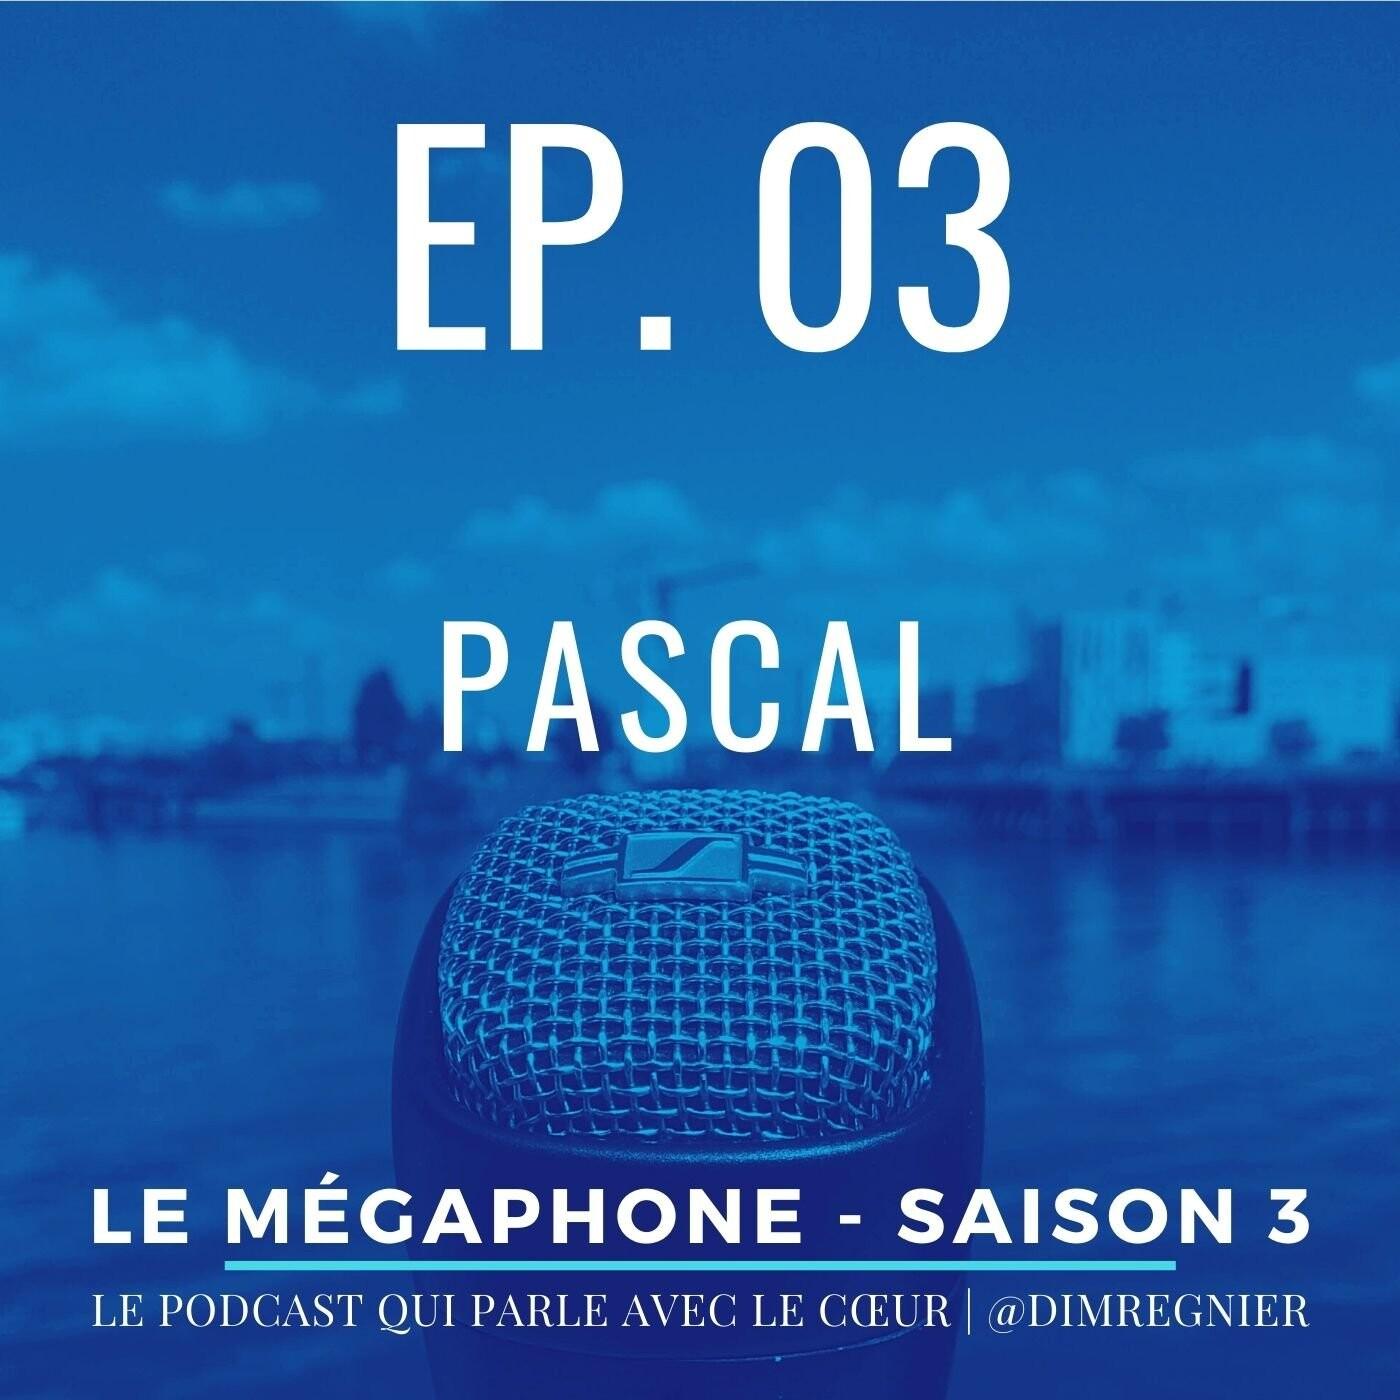 Ép. 03 - Pascal